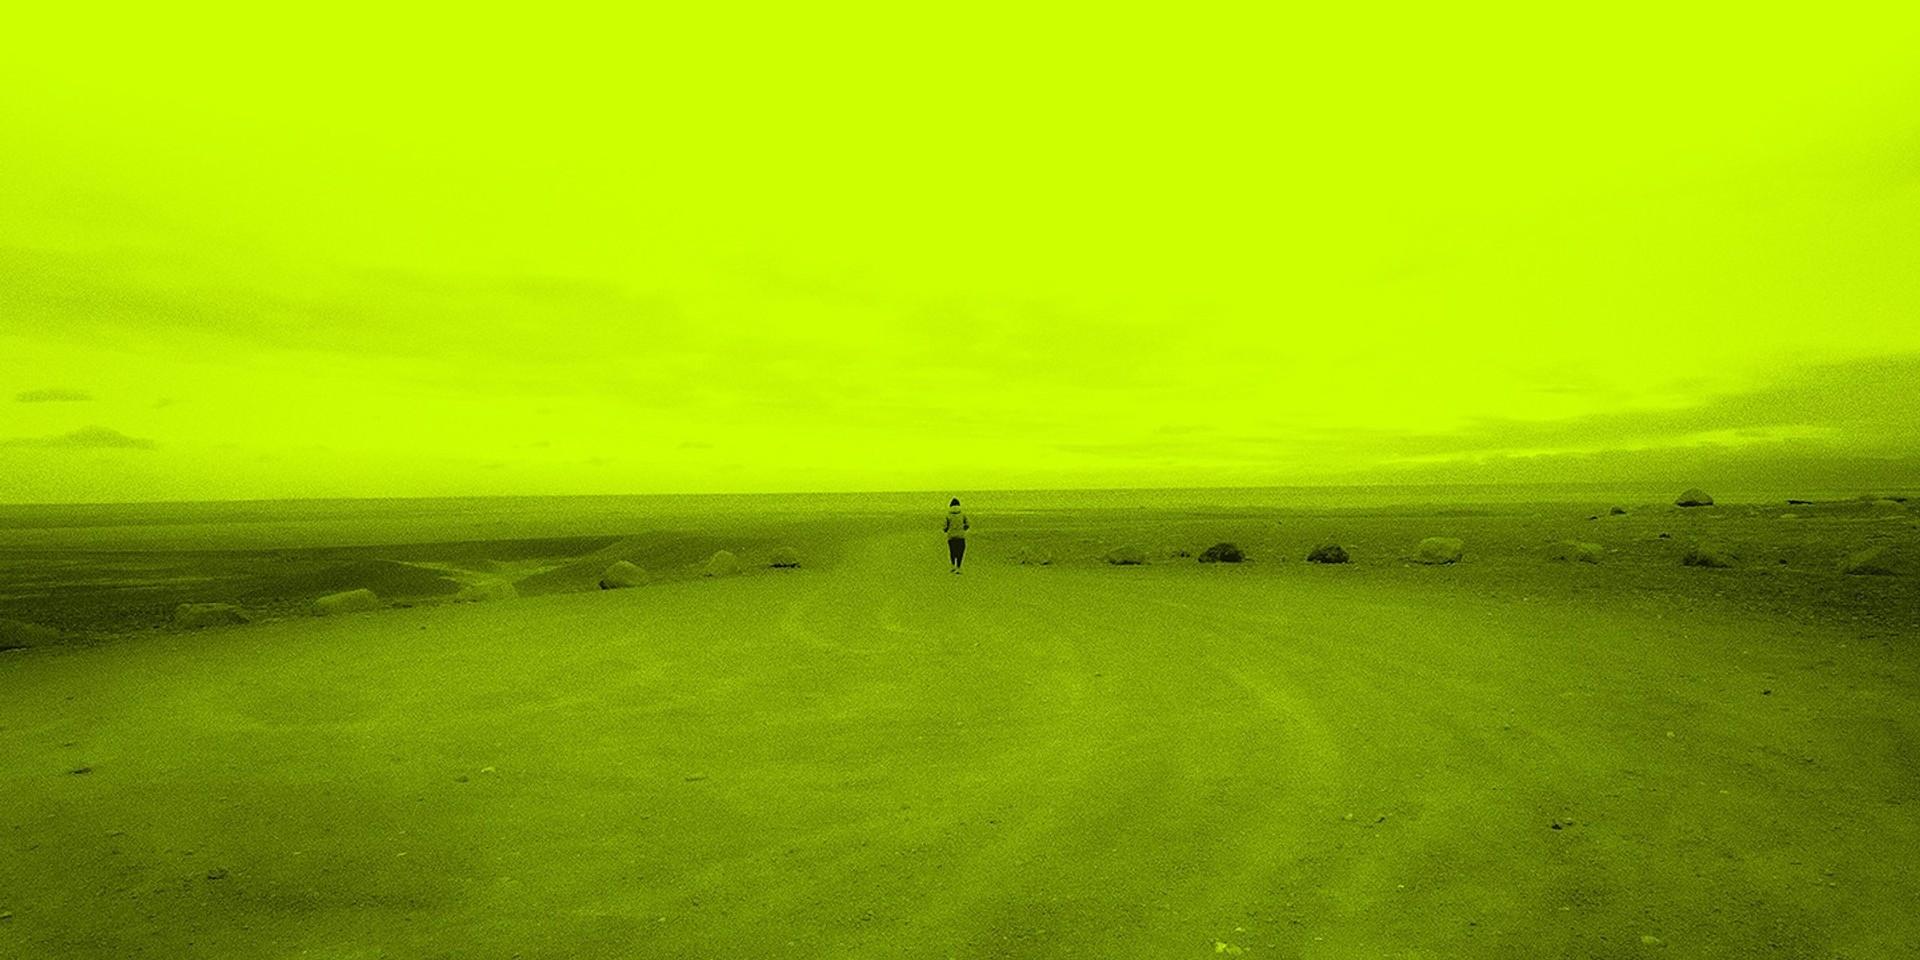 LISTEN: Sneak preview Kiat's new album with this amazing Ataraxia mix